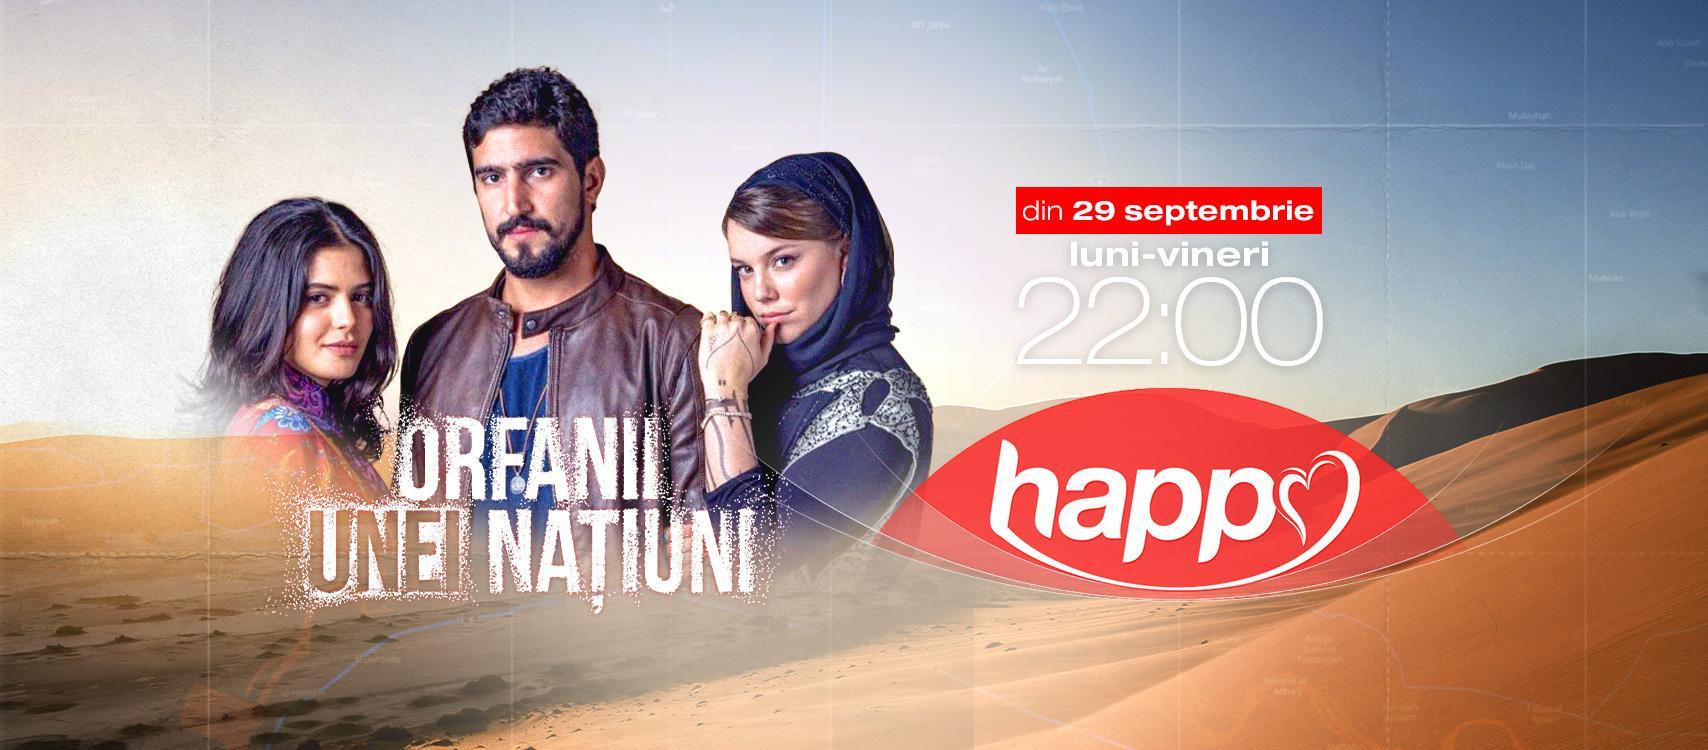 Happy Channel difuzează producţia braziliană Orfanii unei naţiuni, din 29 septembrie